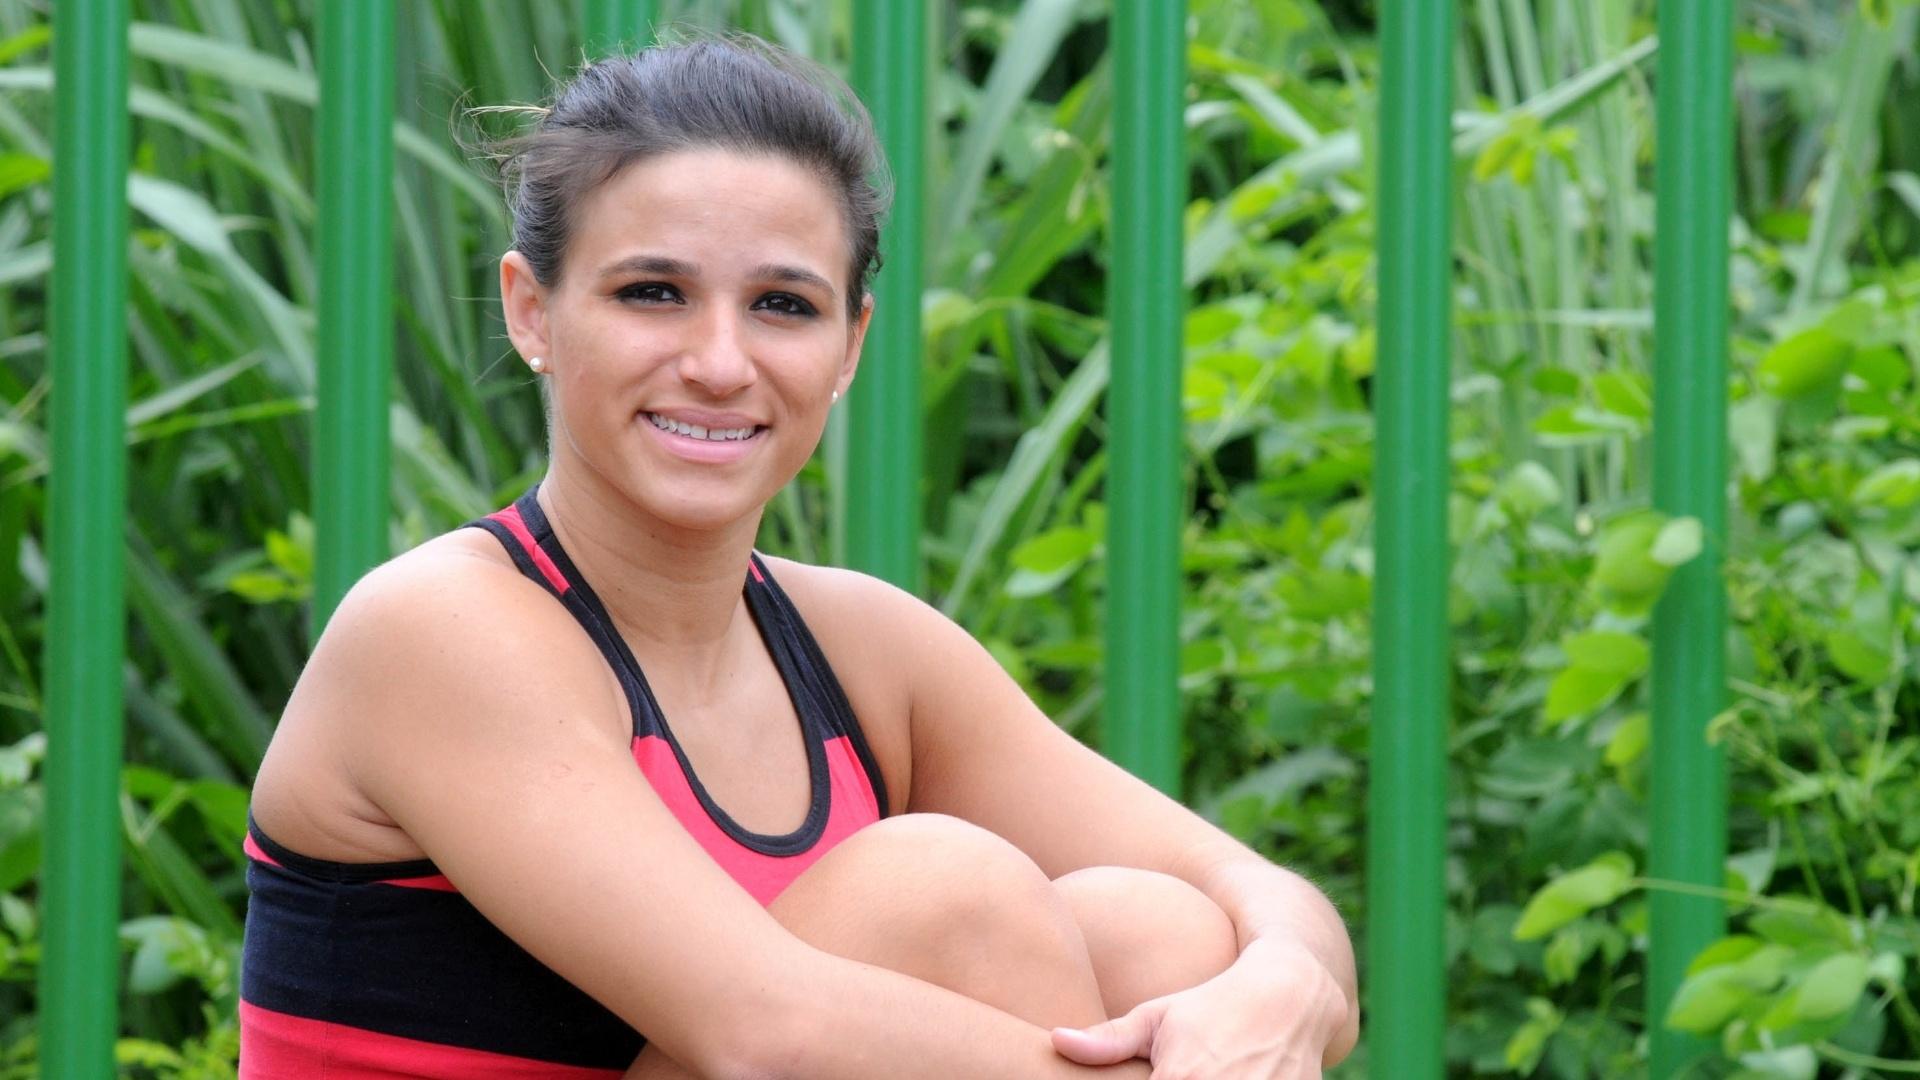 Atleta do Flamengo, Jade Barbosa posa para o UOL Esporte após treino no velódromo da Barra, no Rio de Janeiro